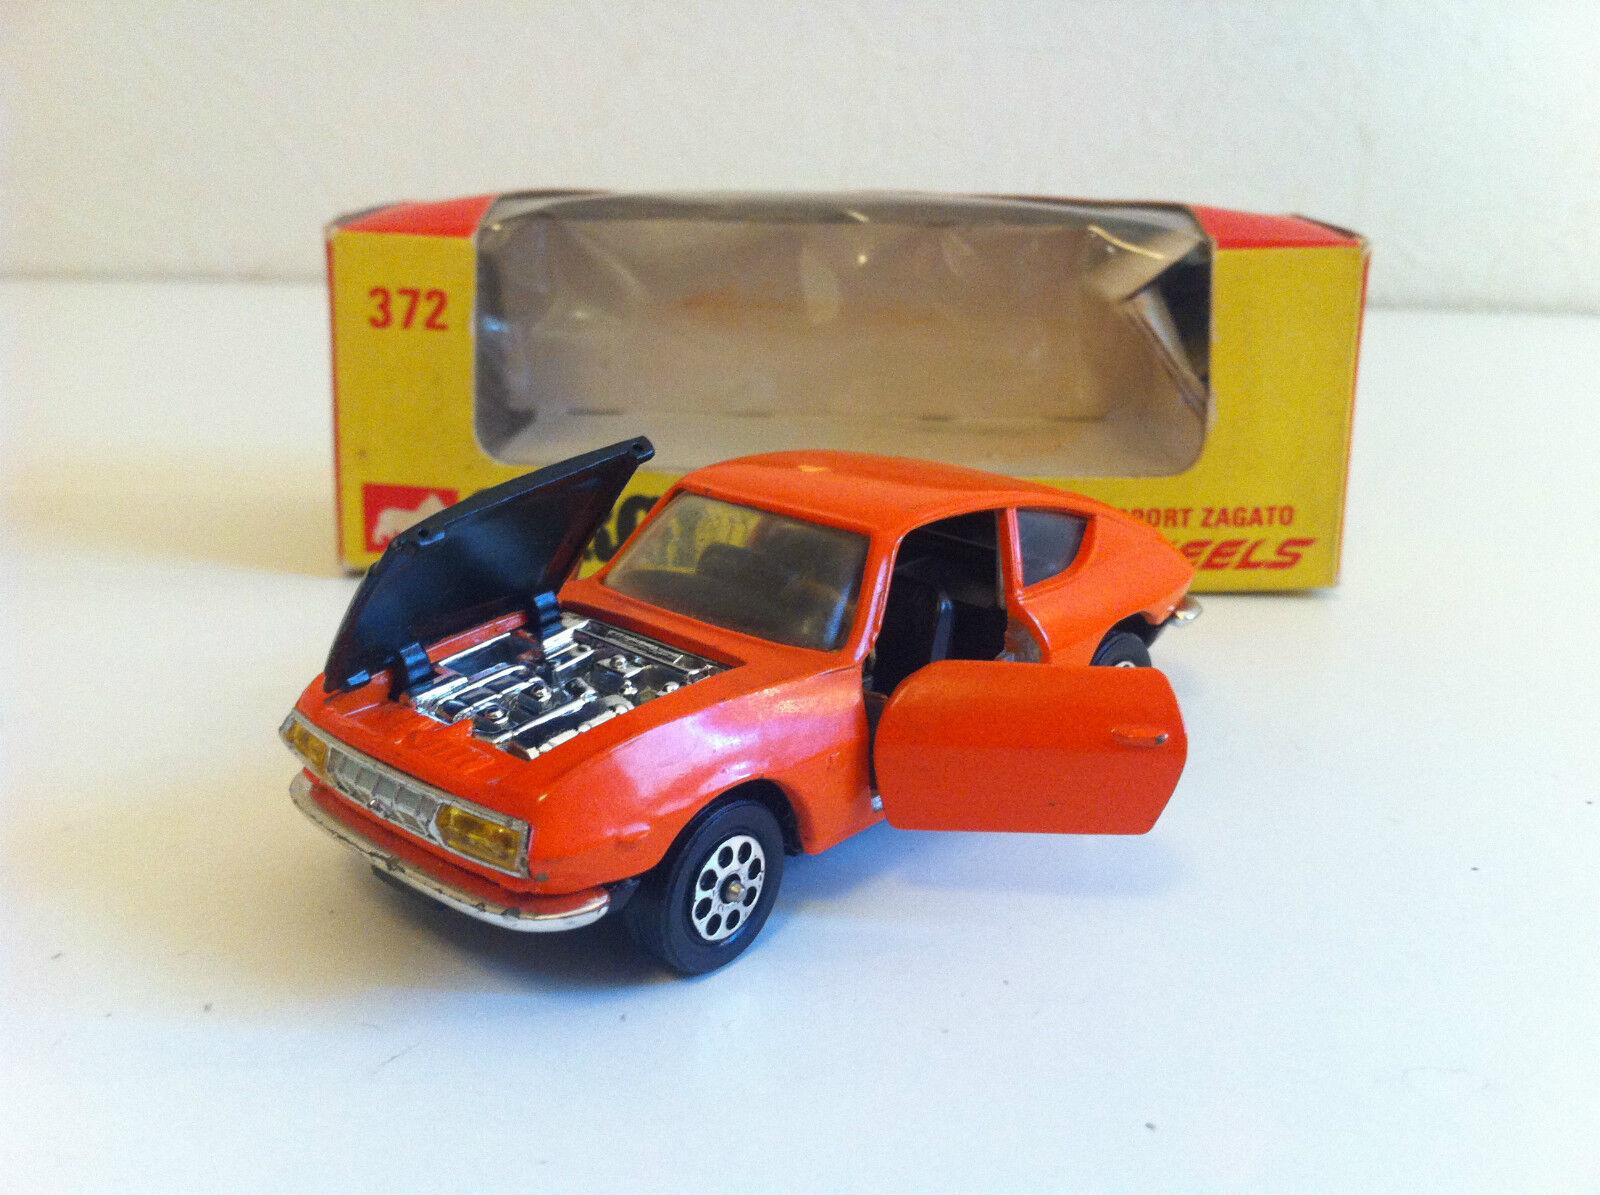 alta calidad Corgi Juguetes Juguetes Juguetes - 372 - Lancia Fulvia Sport Zagato en boîte d'origine  compra limitada